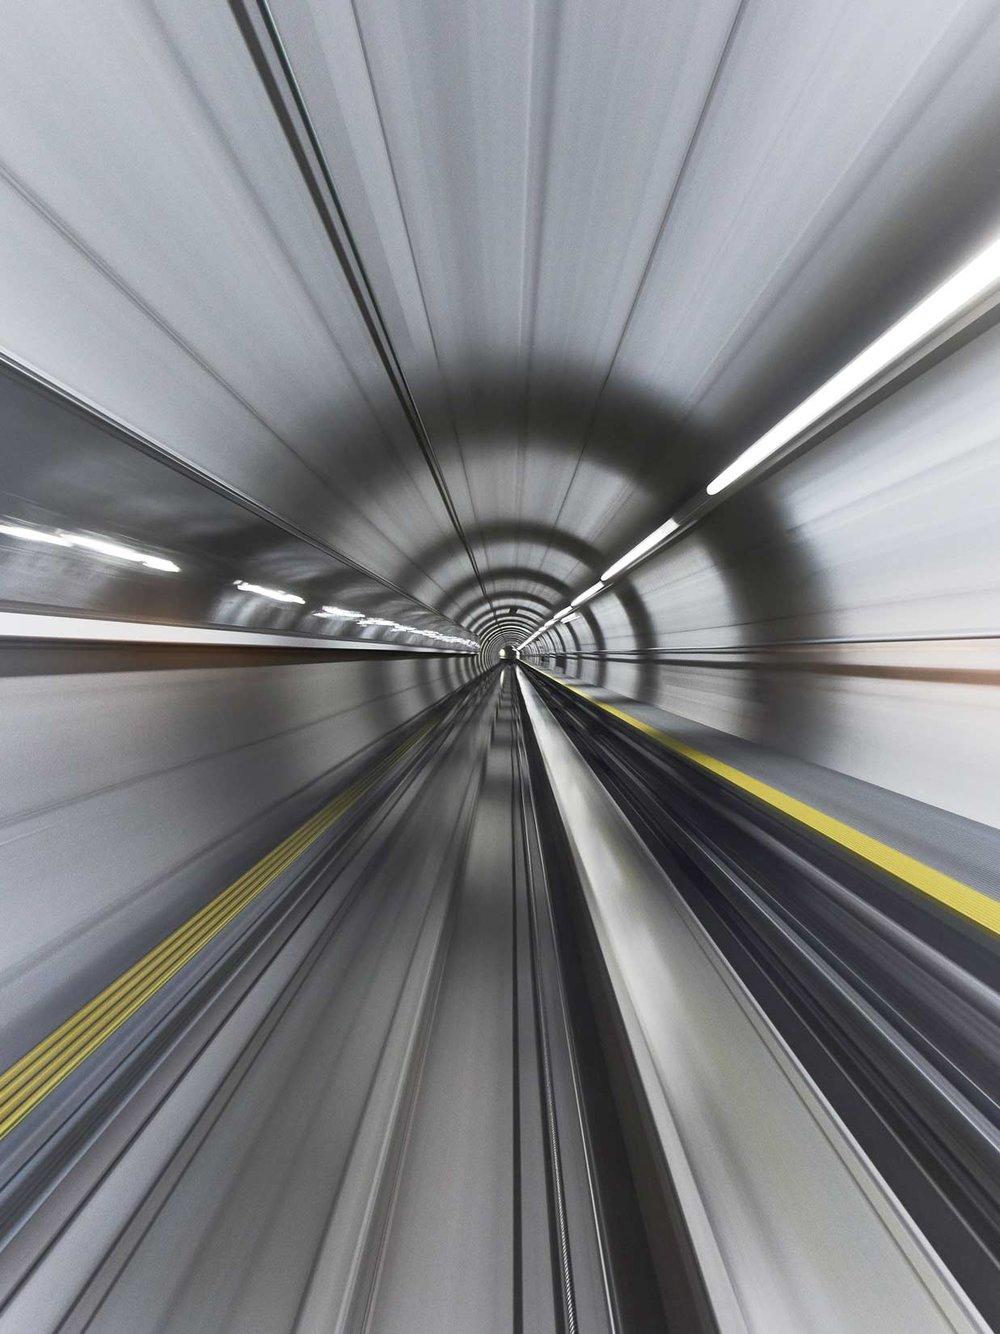 Tunnel_Flughafen_Speed_10-1.jpg